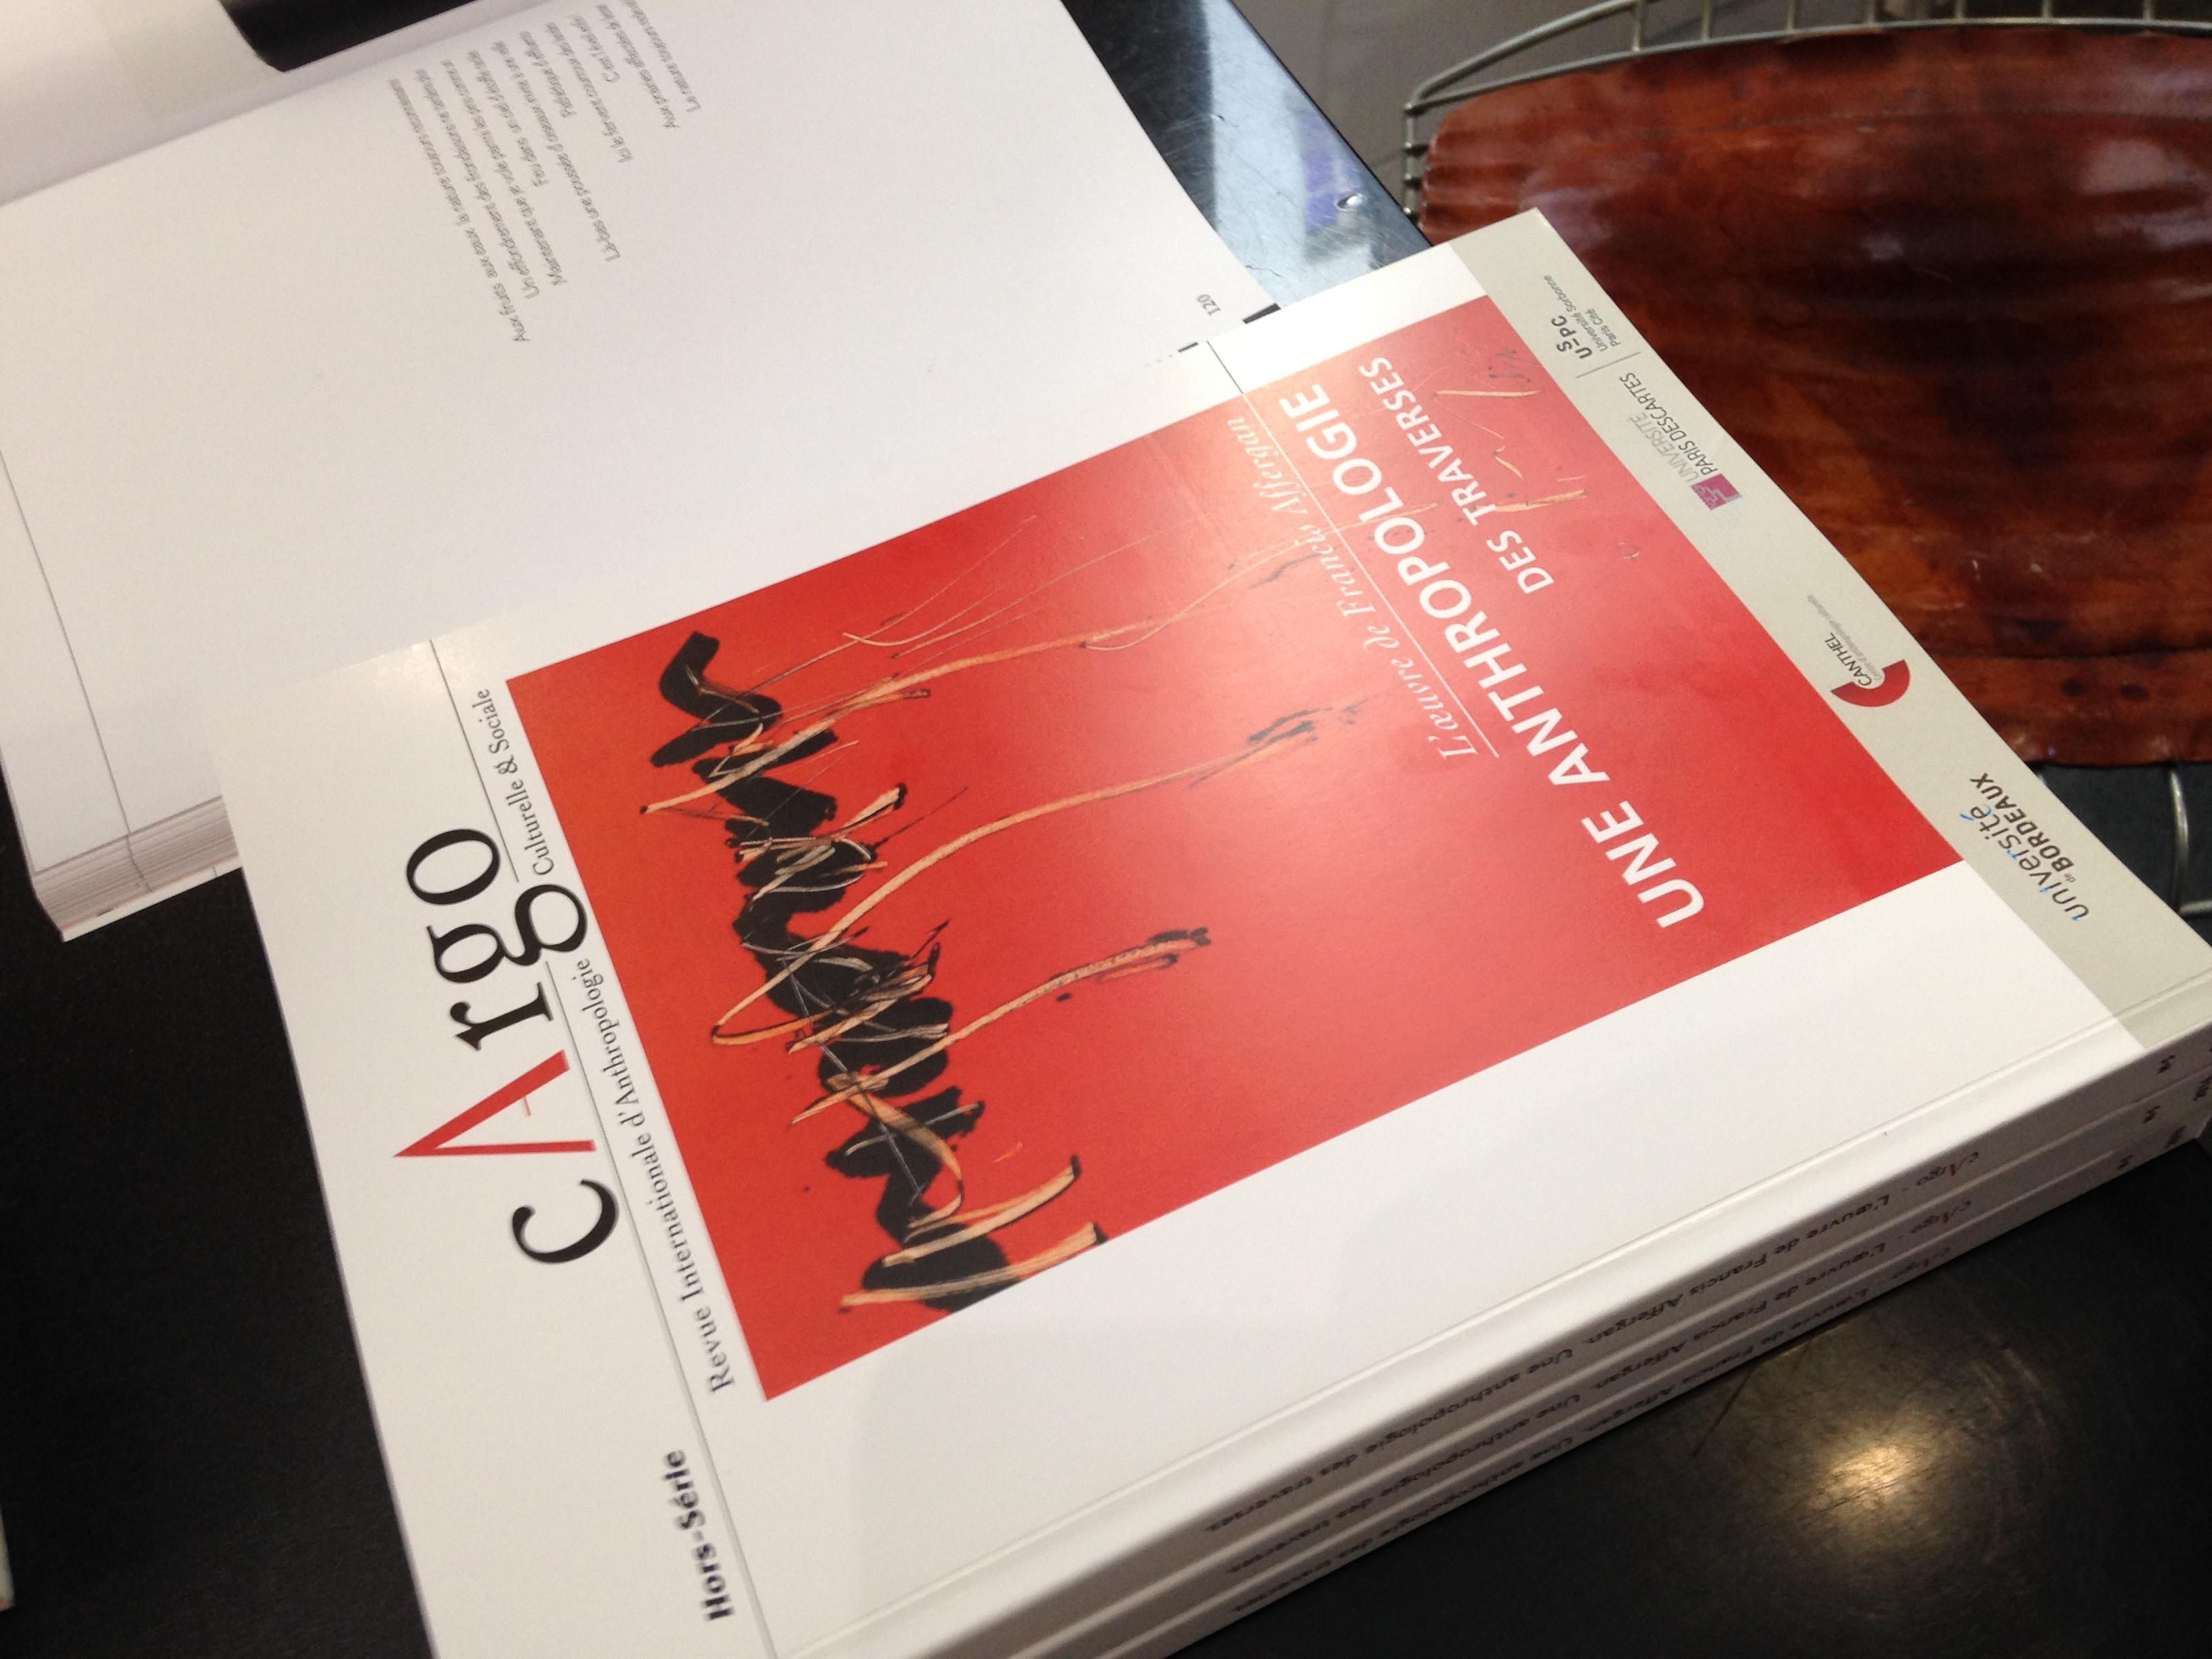 Signature du cArgo hors-série par Francis Affergan